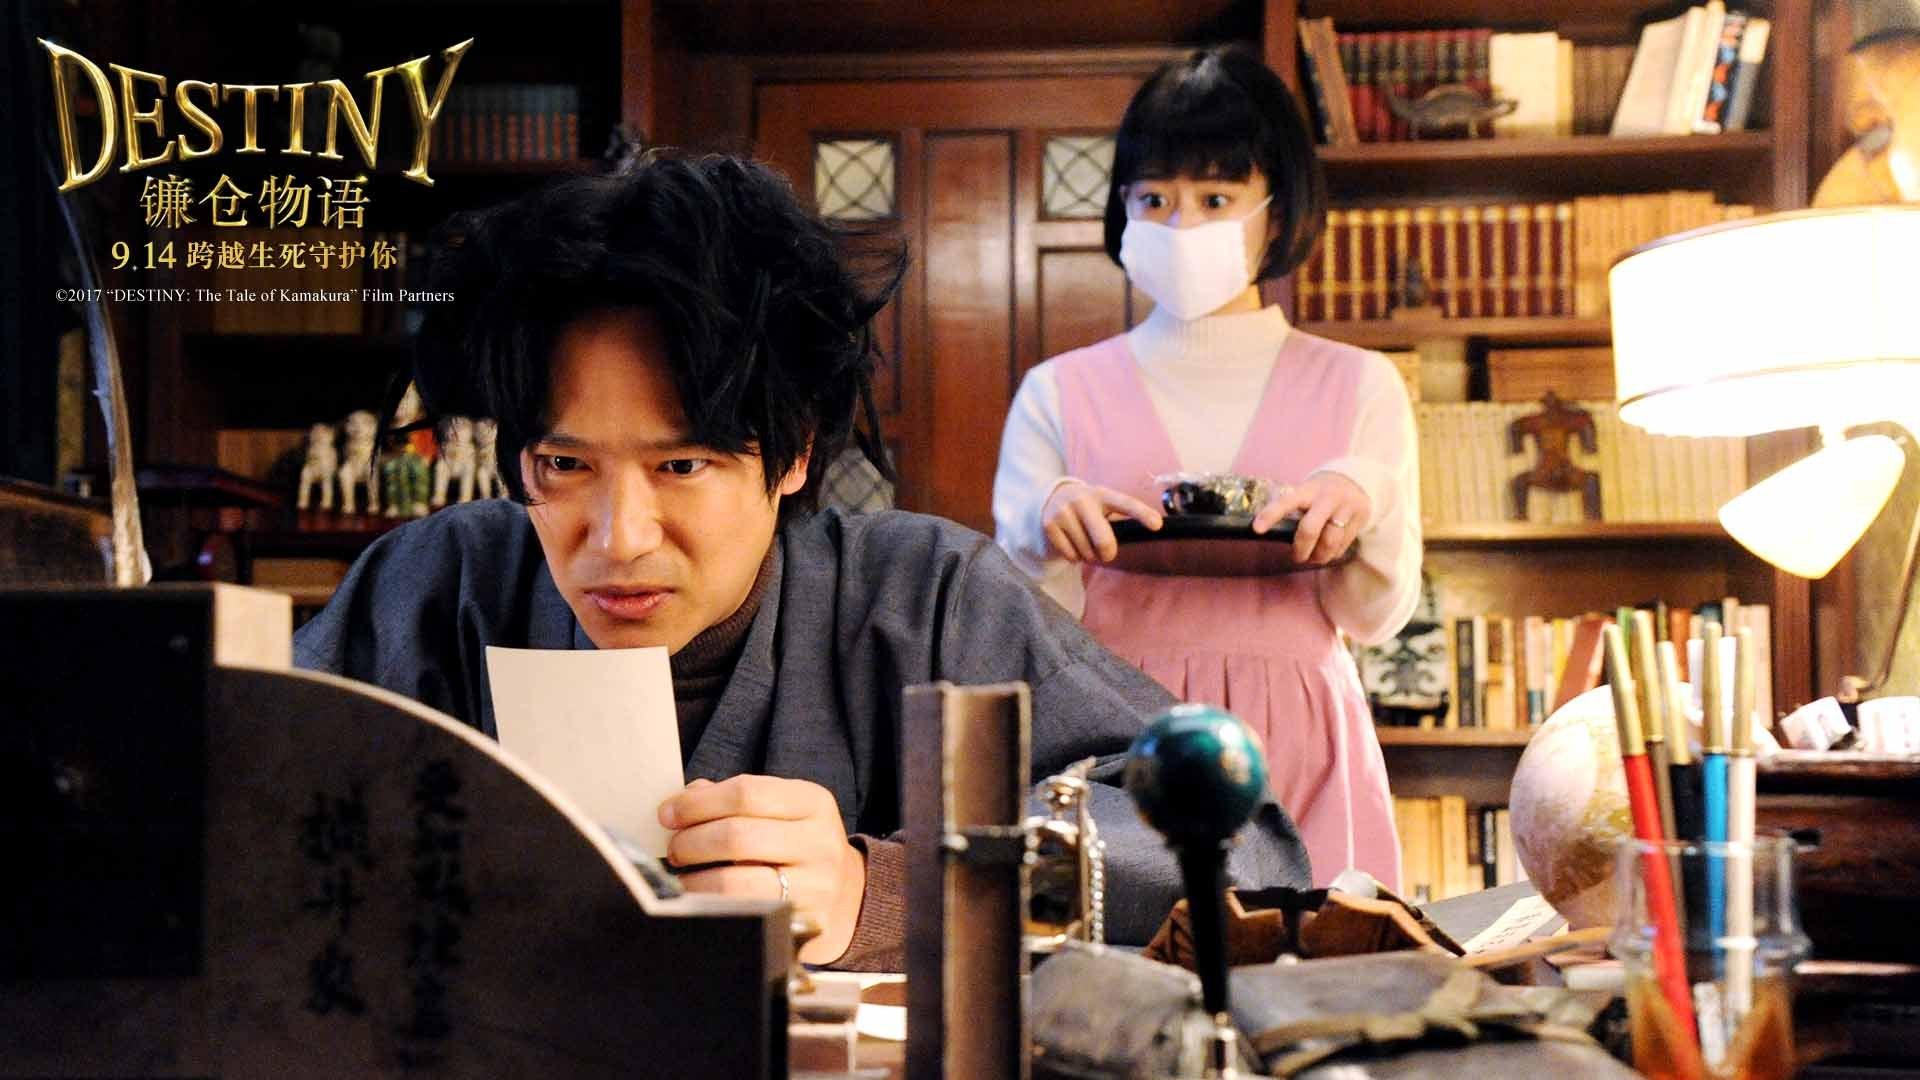 电影《镰仓物语》今日上映  堺雅人跨越生死带来暖心治愈